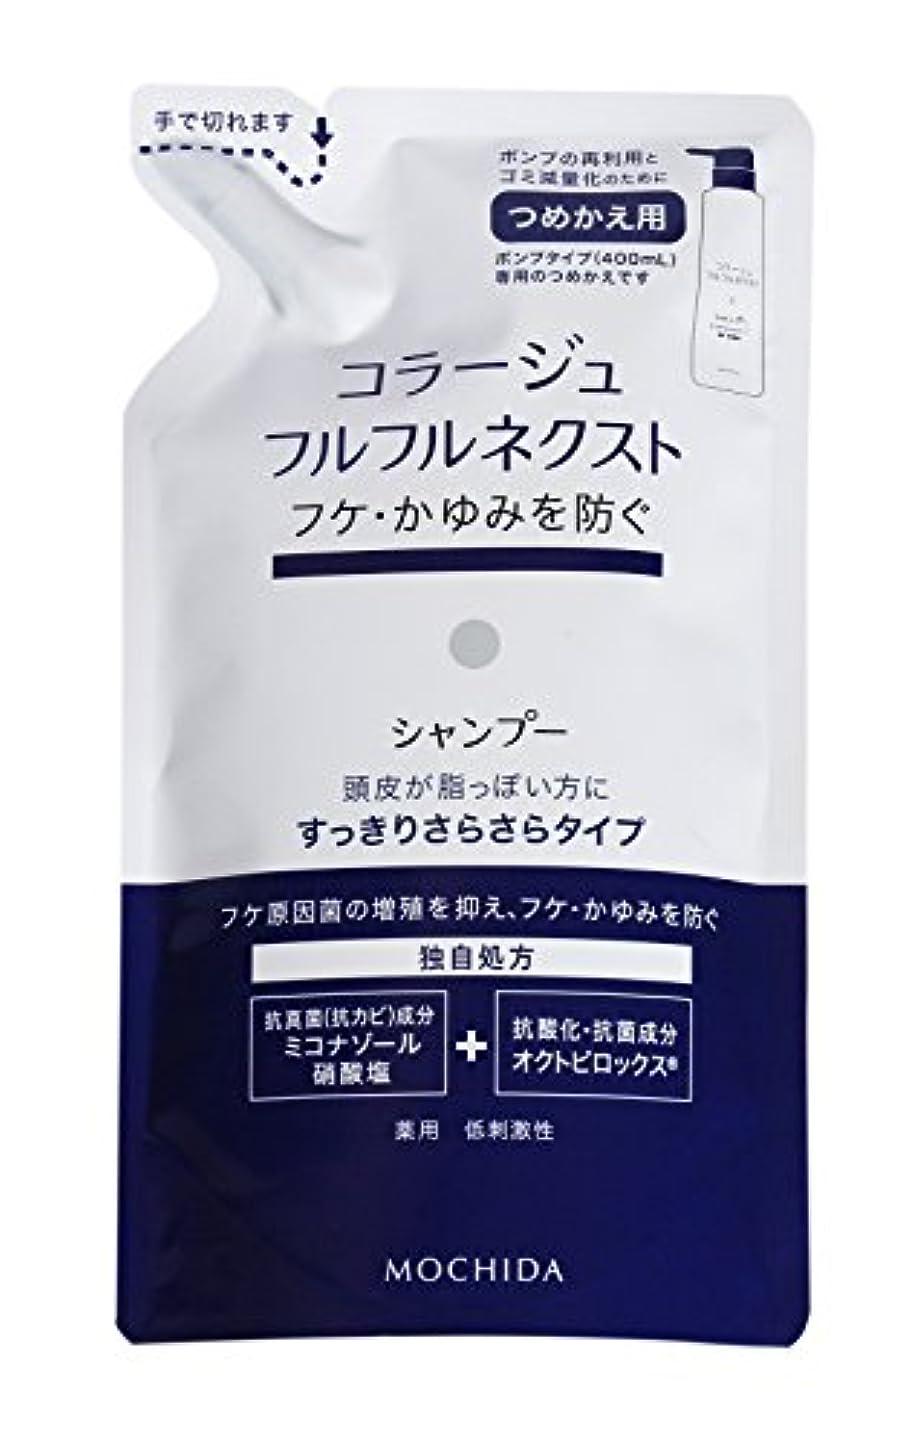 マンモス減らすオークコラージュフルフル ネクストシャンプー すっきりさらさらタイプ (つめかえ用) 280mL (医薬部外品)